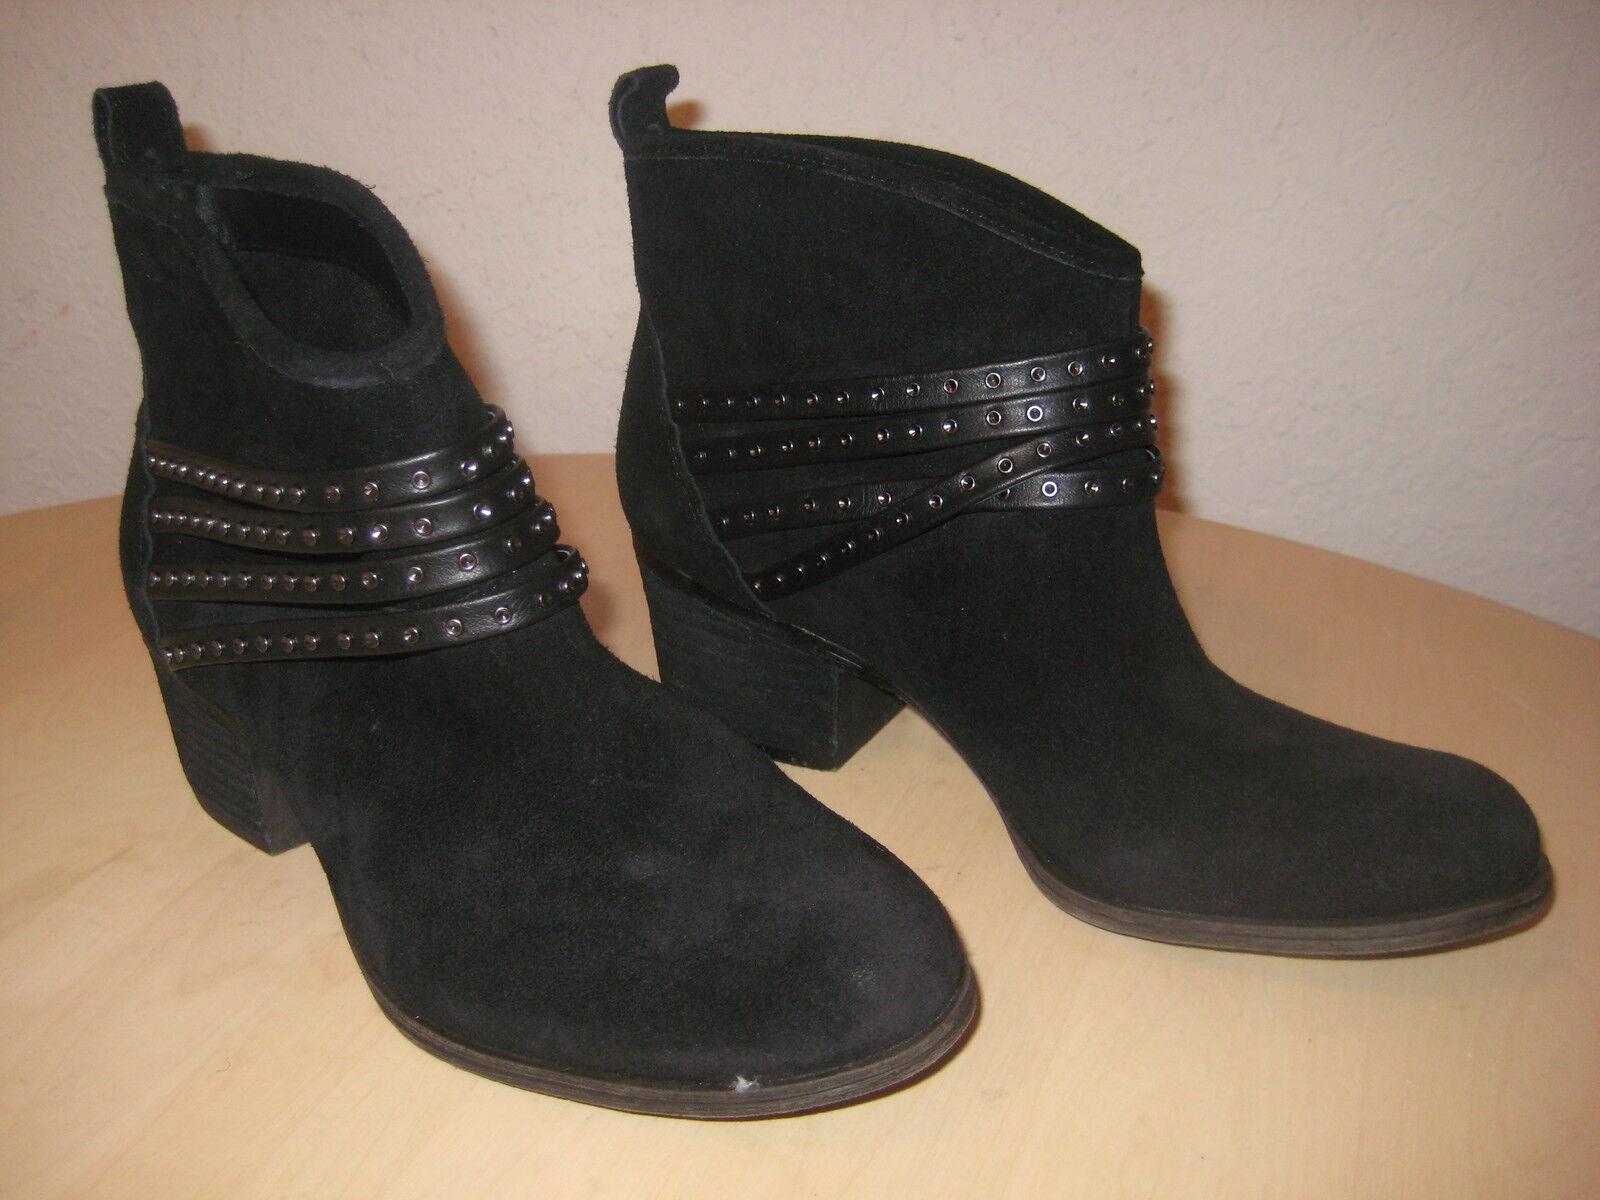 Jessica Simpson Zapatos M nuevo Clauds Negro Cuero Para Mujer botas al Tobillo Nuevos Sin Caja